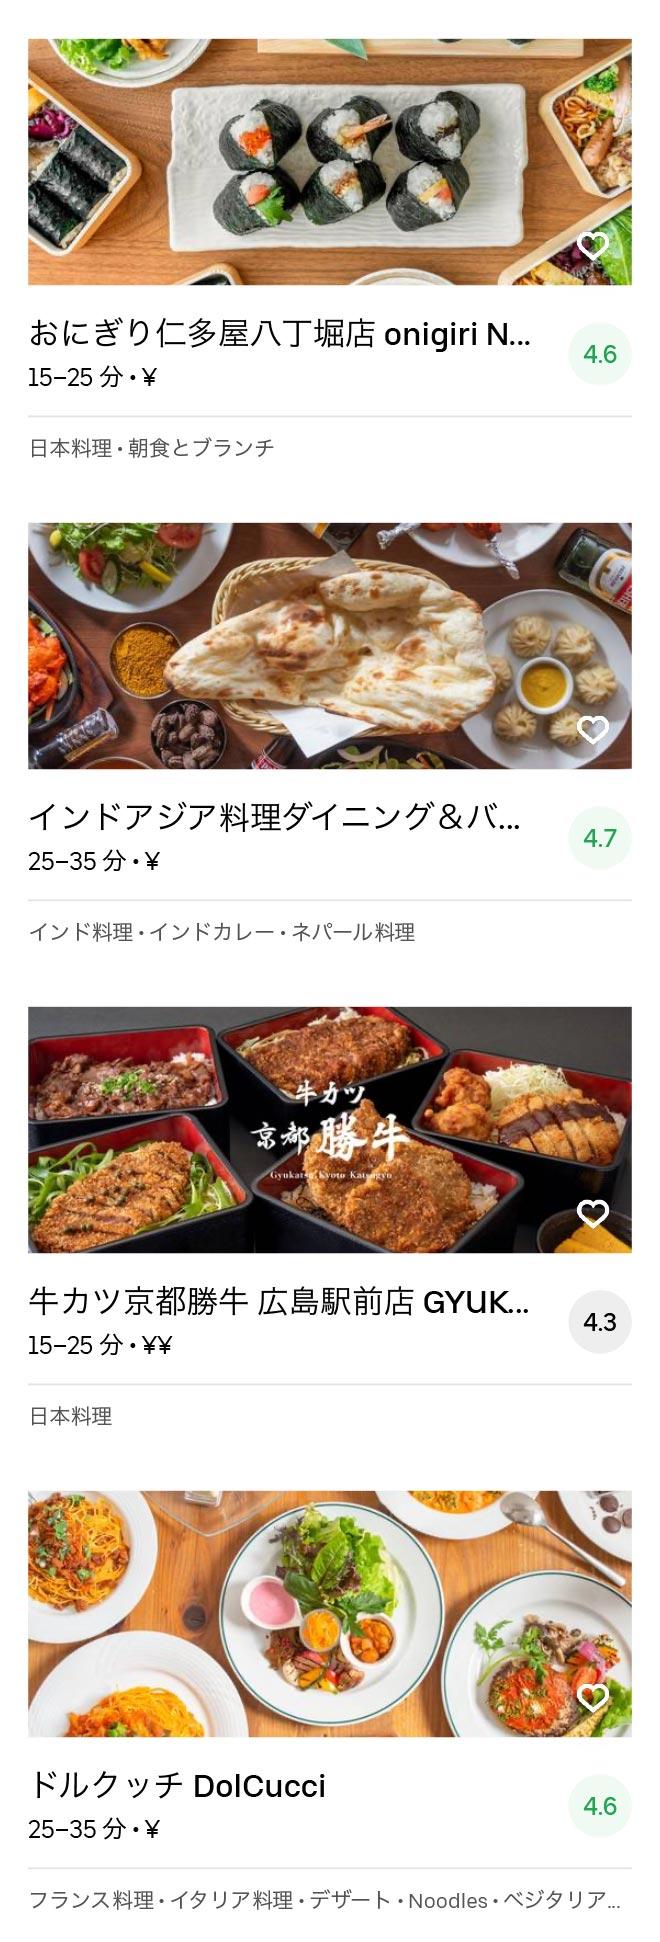 Hiroshima menu 2005 12